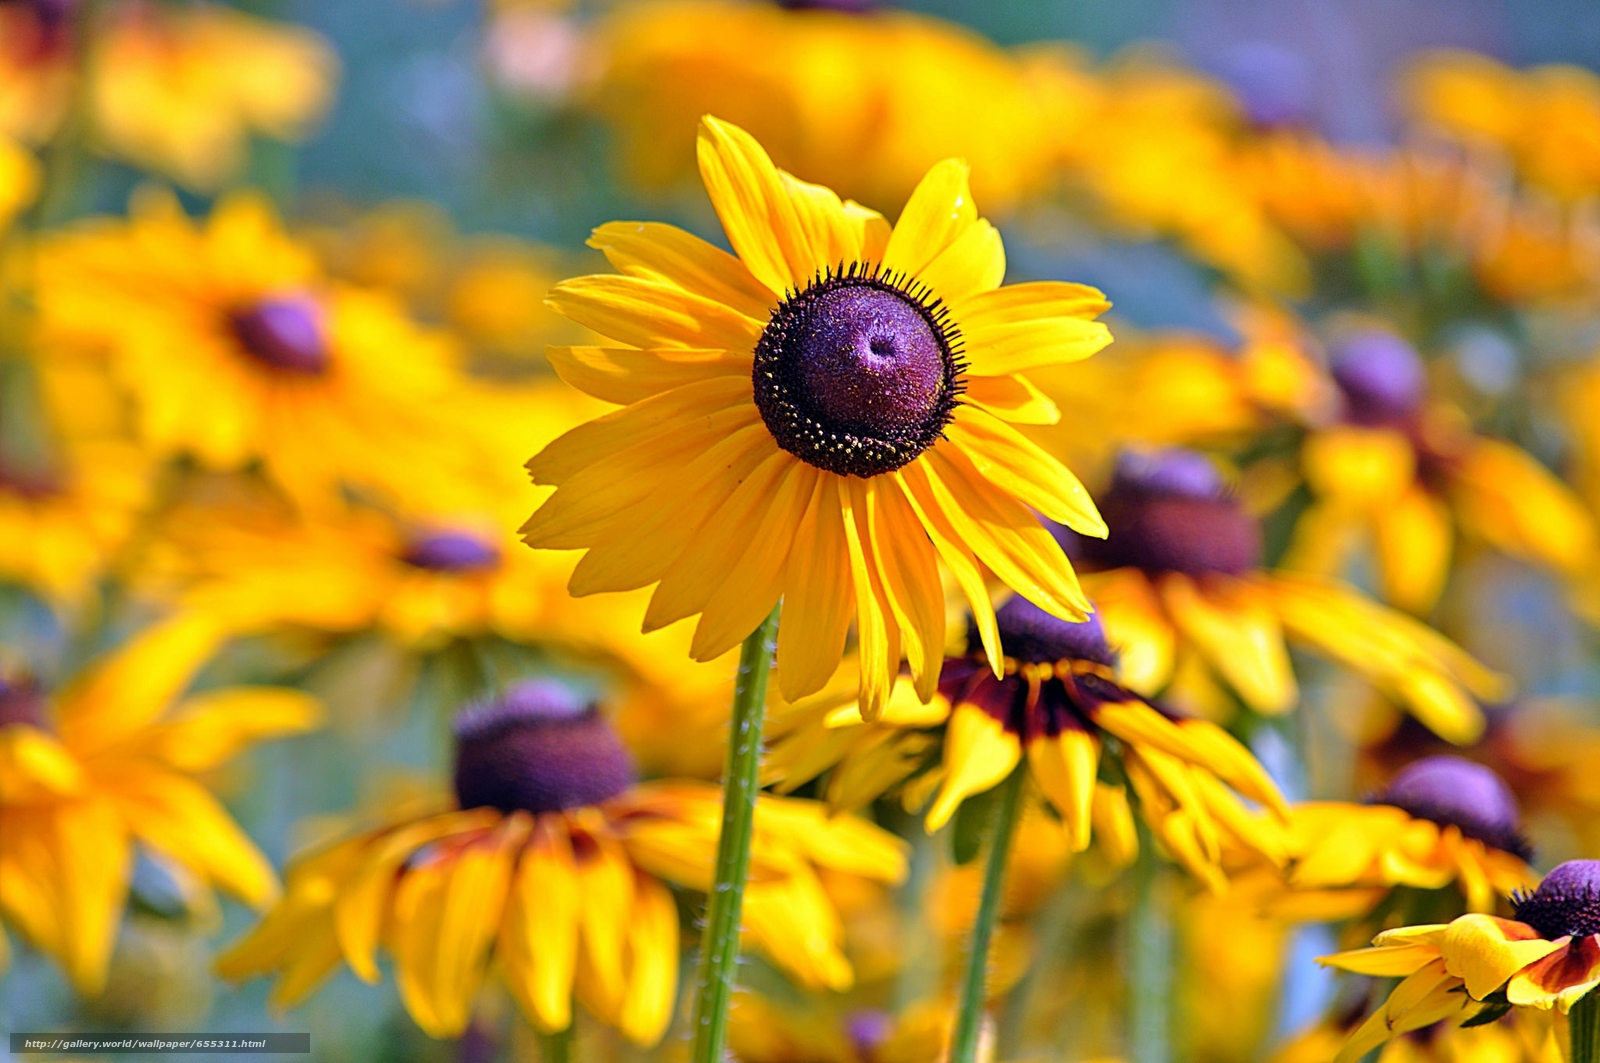 壁紙をダウンロード ルドベッキア,  太陽,  花びら,  ぼけ味 デスクトップの解像度のための無料壁紙 2048x1360 — 絵 №655311